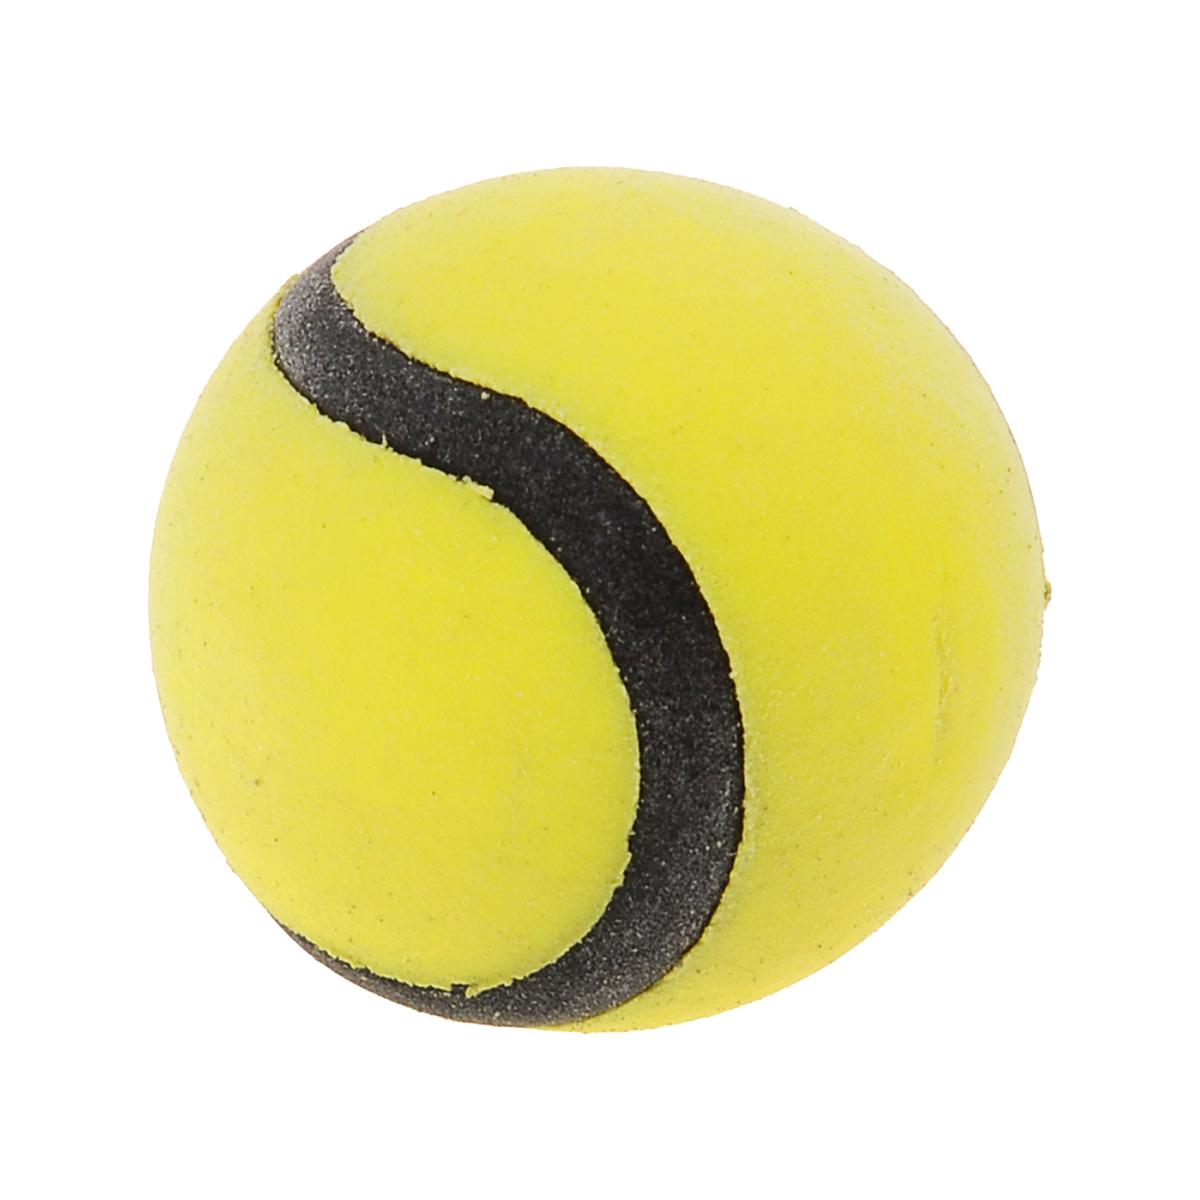 Brunnen Ластик Мячик теннисный, цвет: желтый17002_салатовыйЛастик Мячик станет незаменимым аксессуаром на рабочем столе не только школьника или студента, но и офисного работника. Он легко и без следа удаляет надписи, сделанные карандашом.